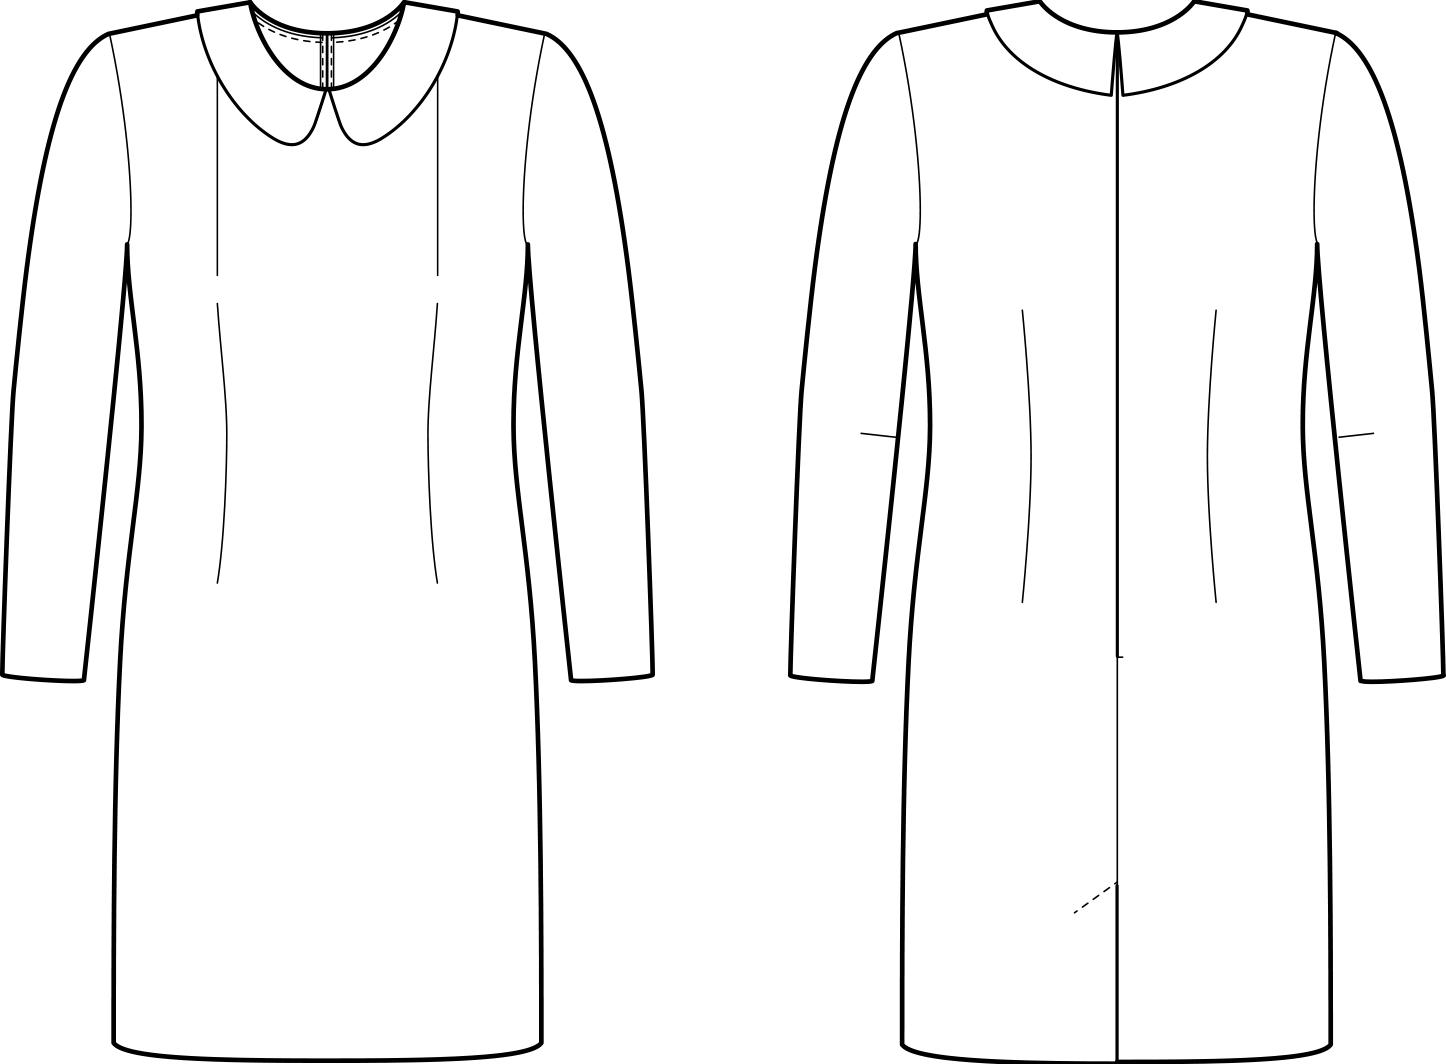 Vorder- und Rückansicht der technische Zeichnung eines Kleides mit Abnähern